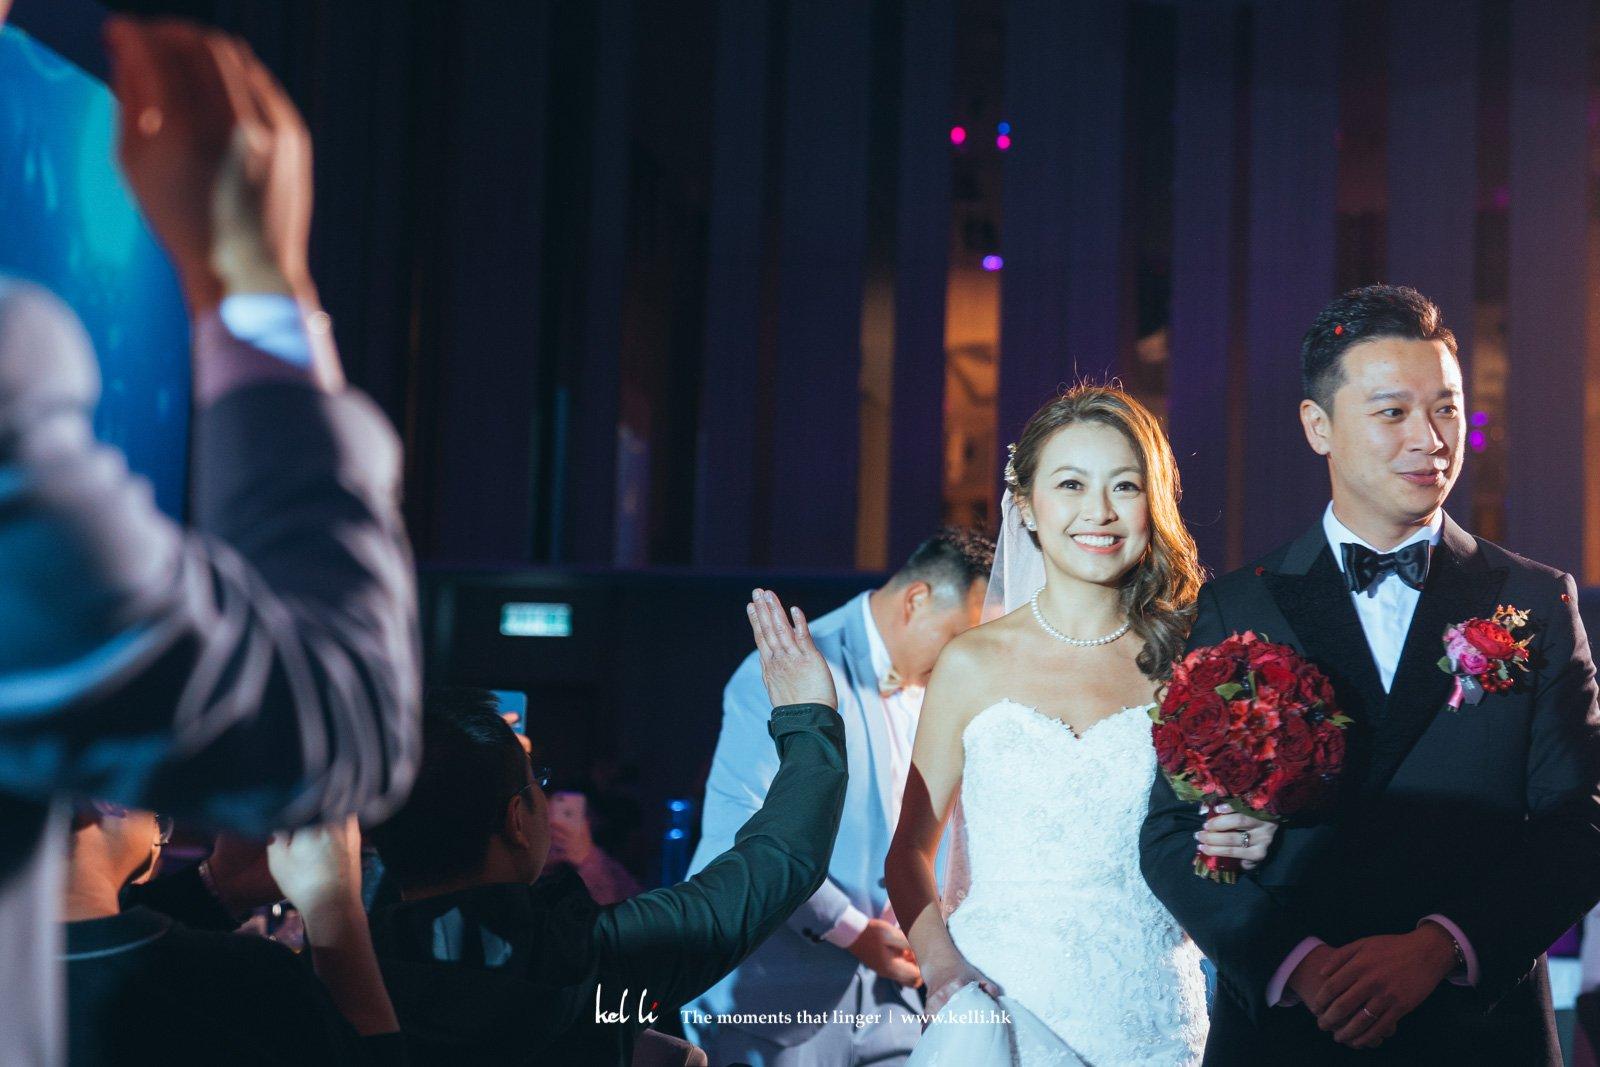 在證婚儀式及在婚禮晚宴前的March-In